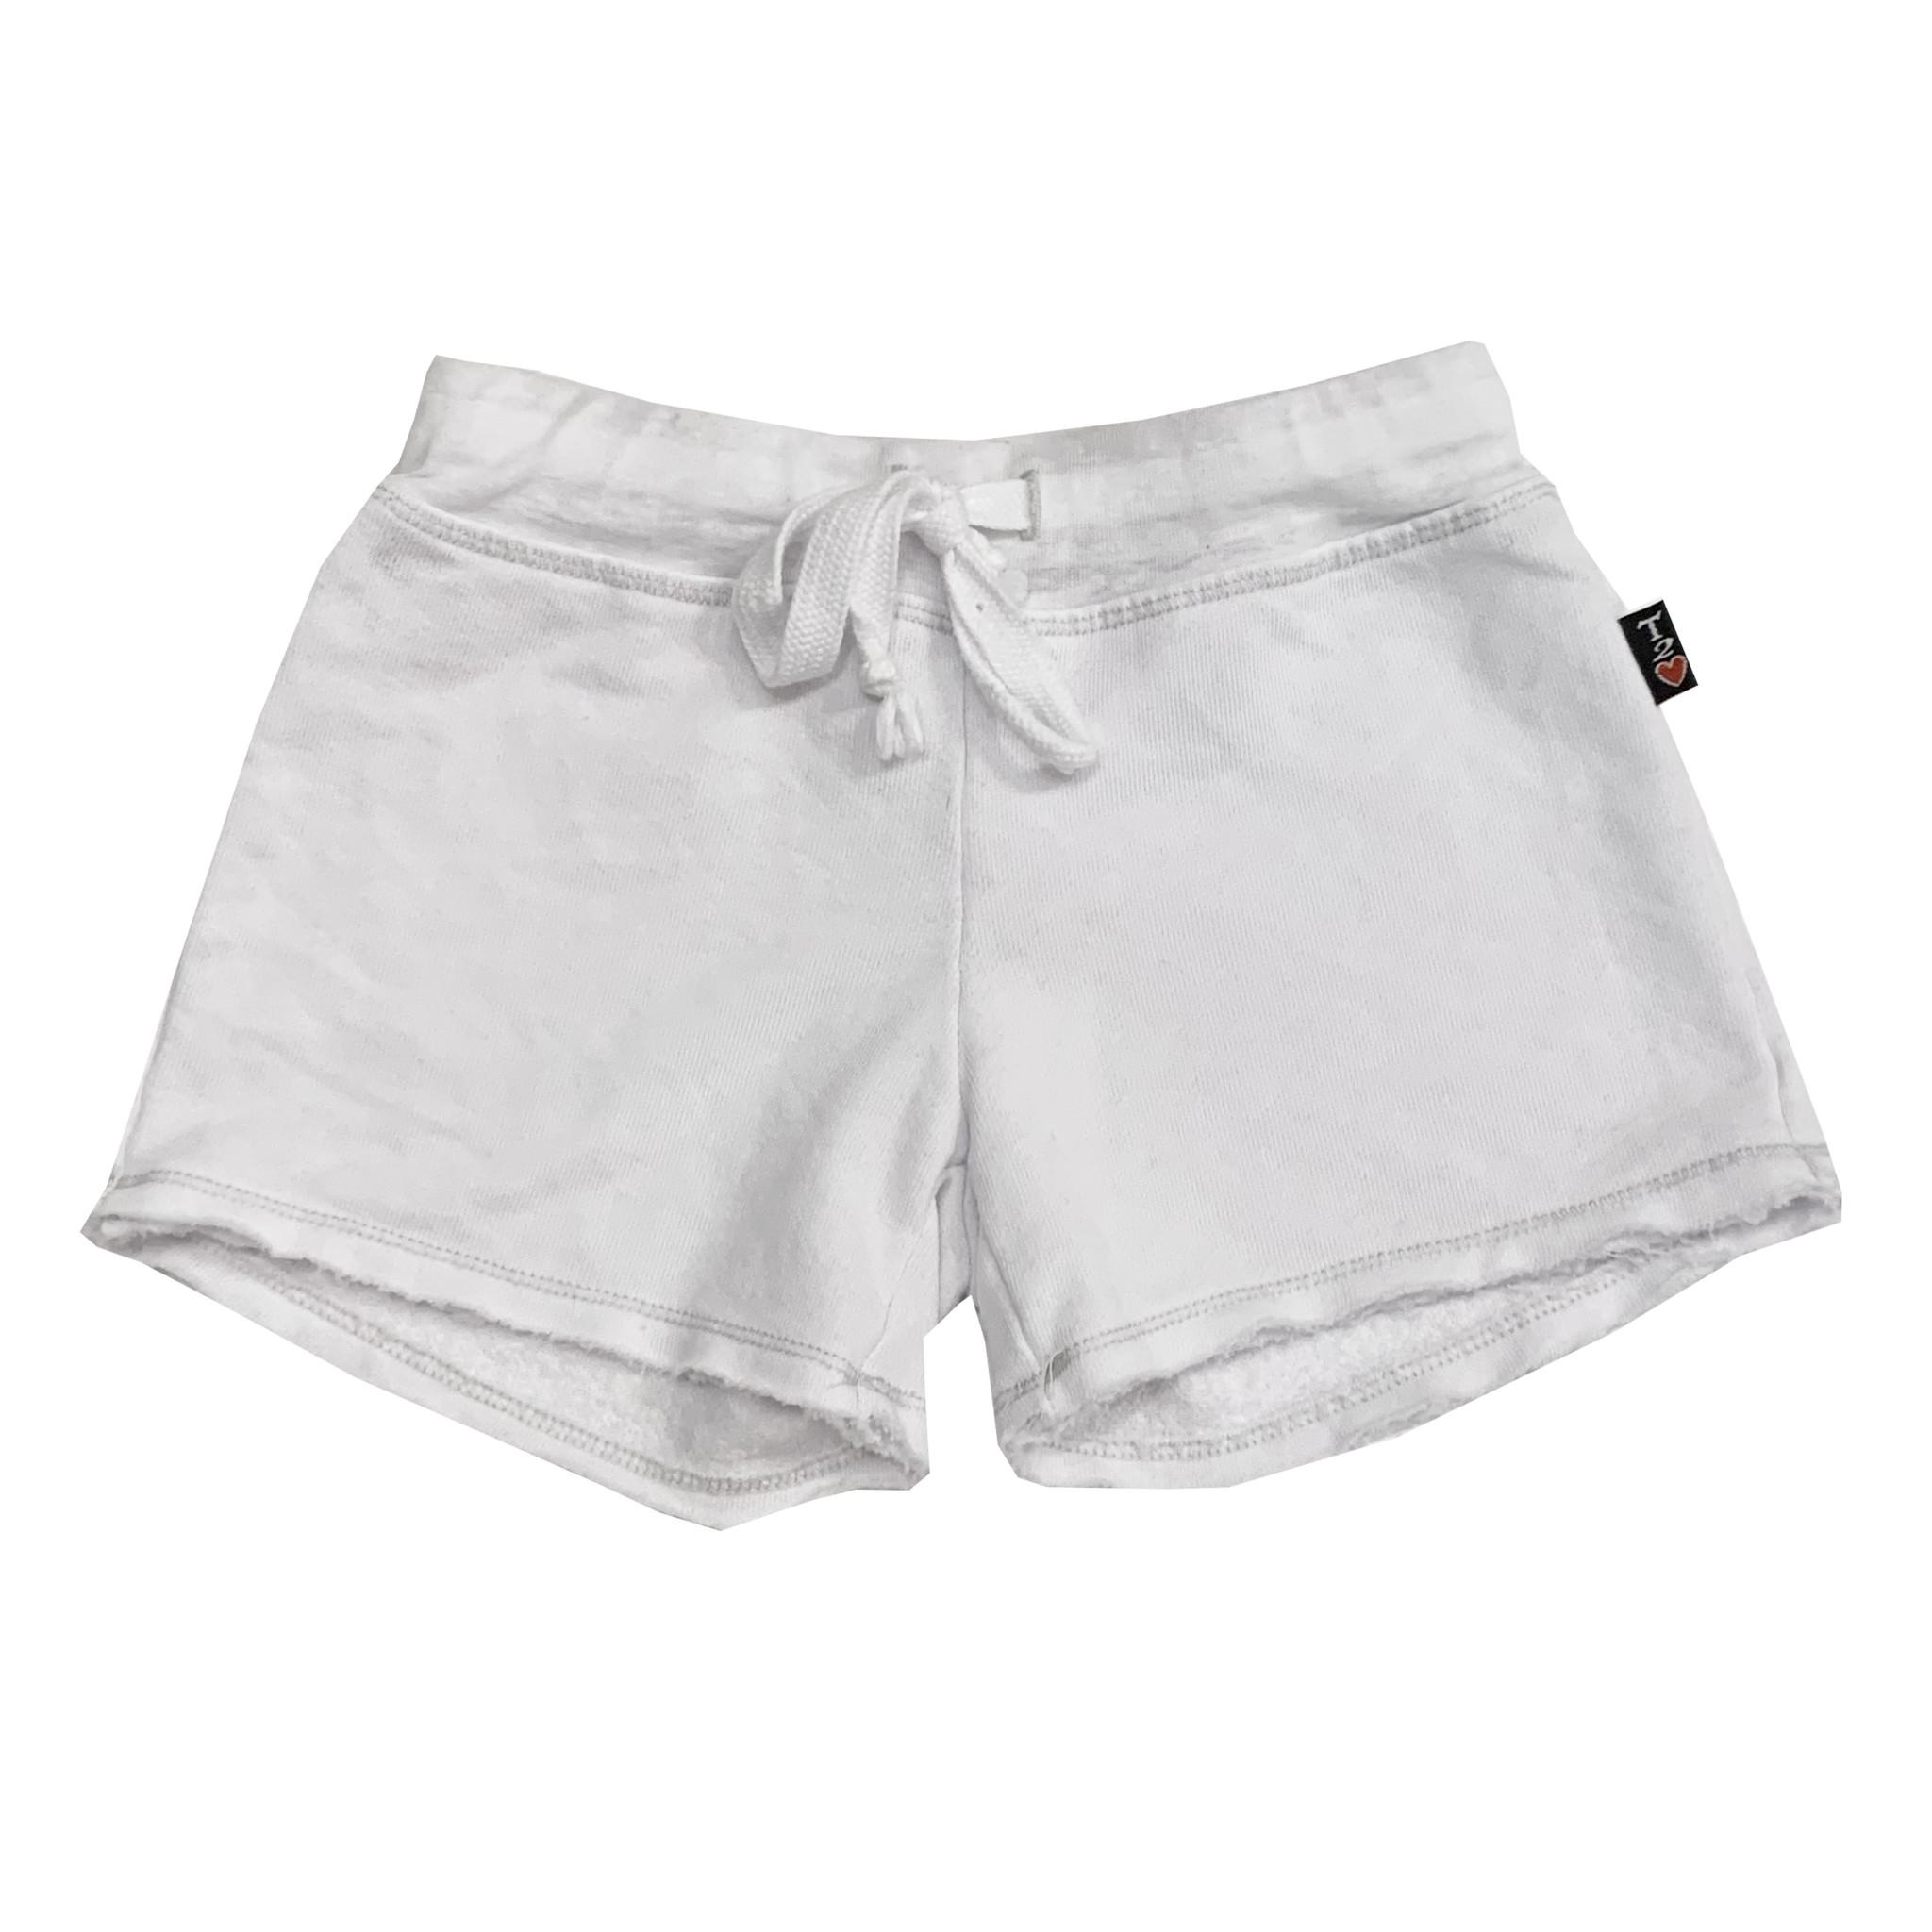 T2Love White Raw Sweat Short